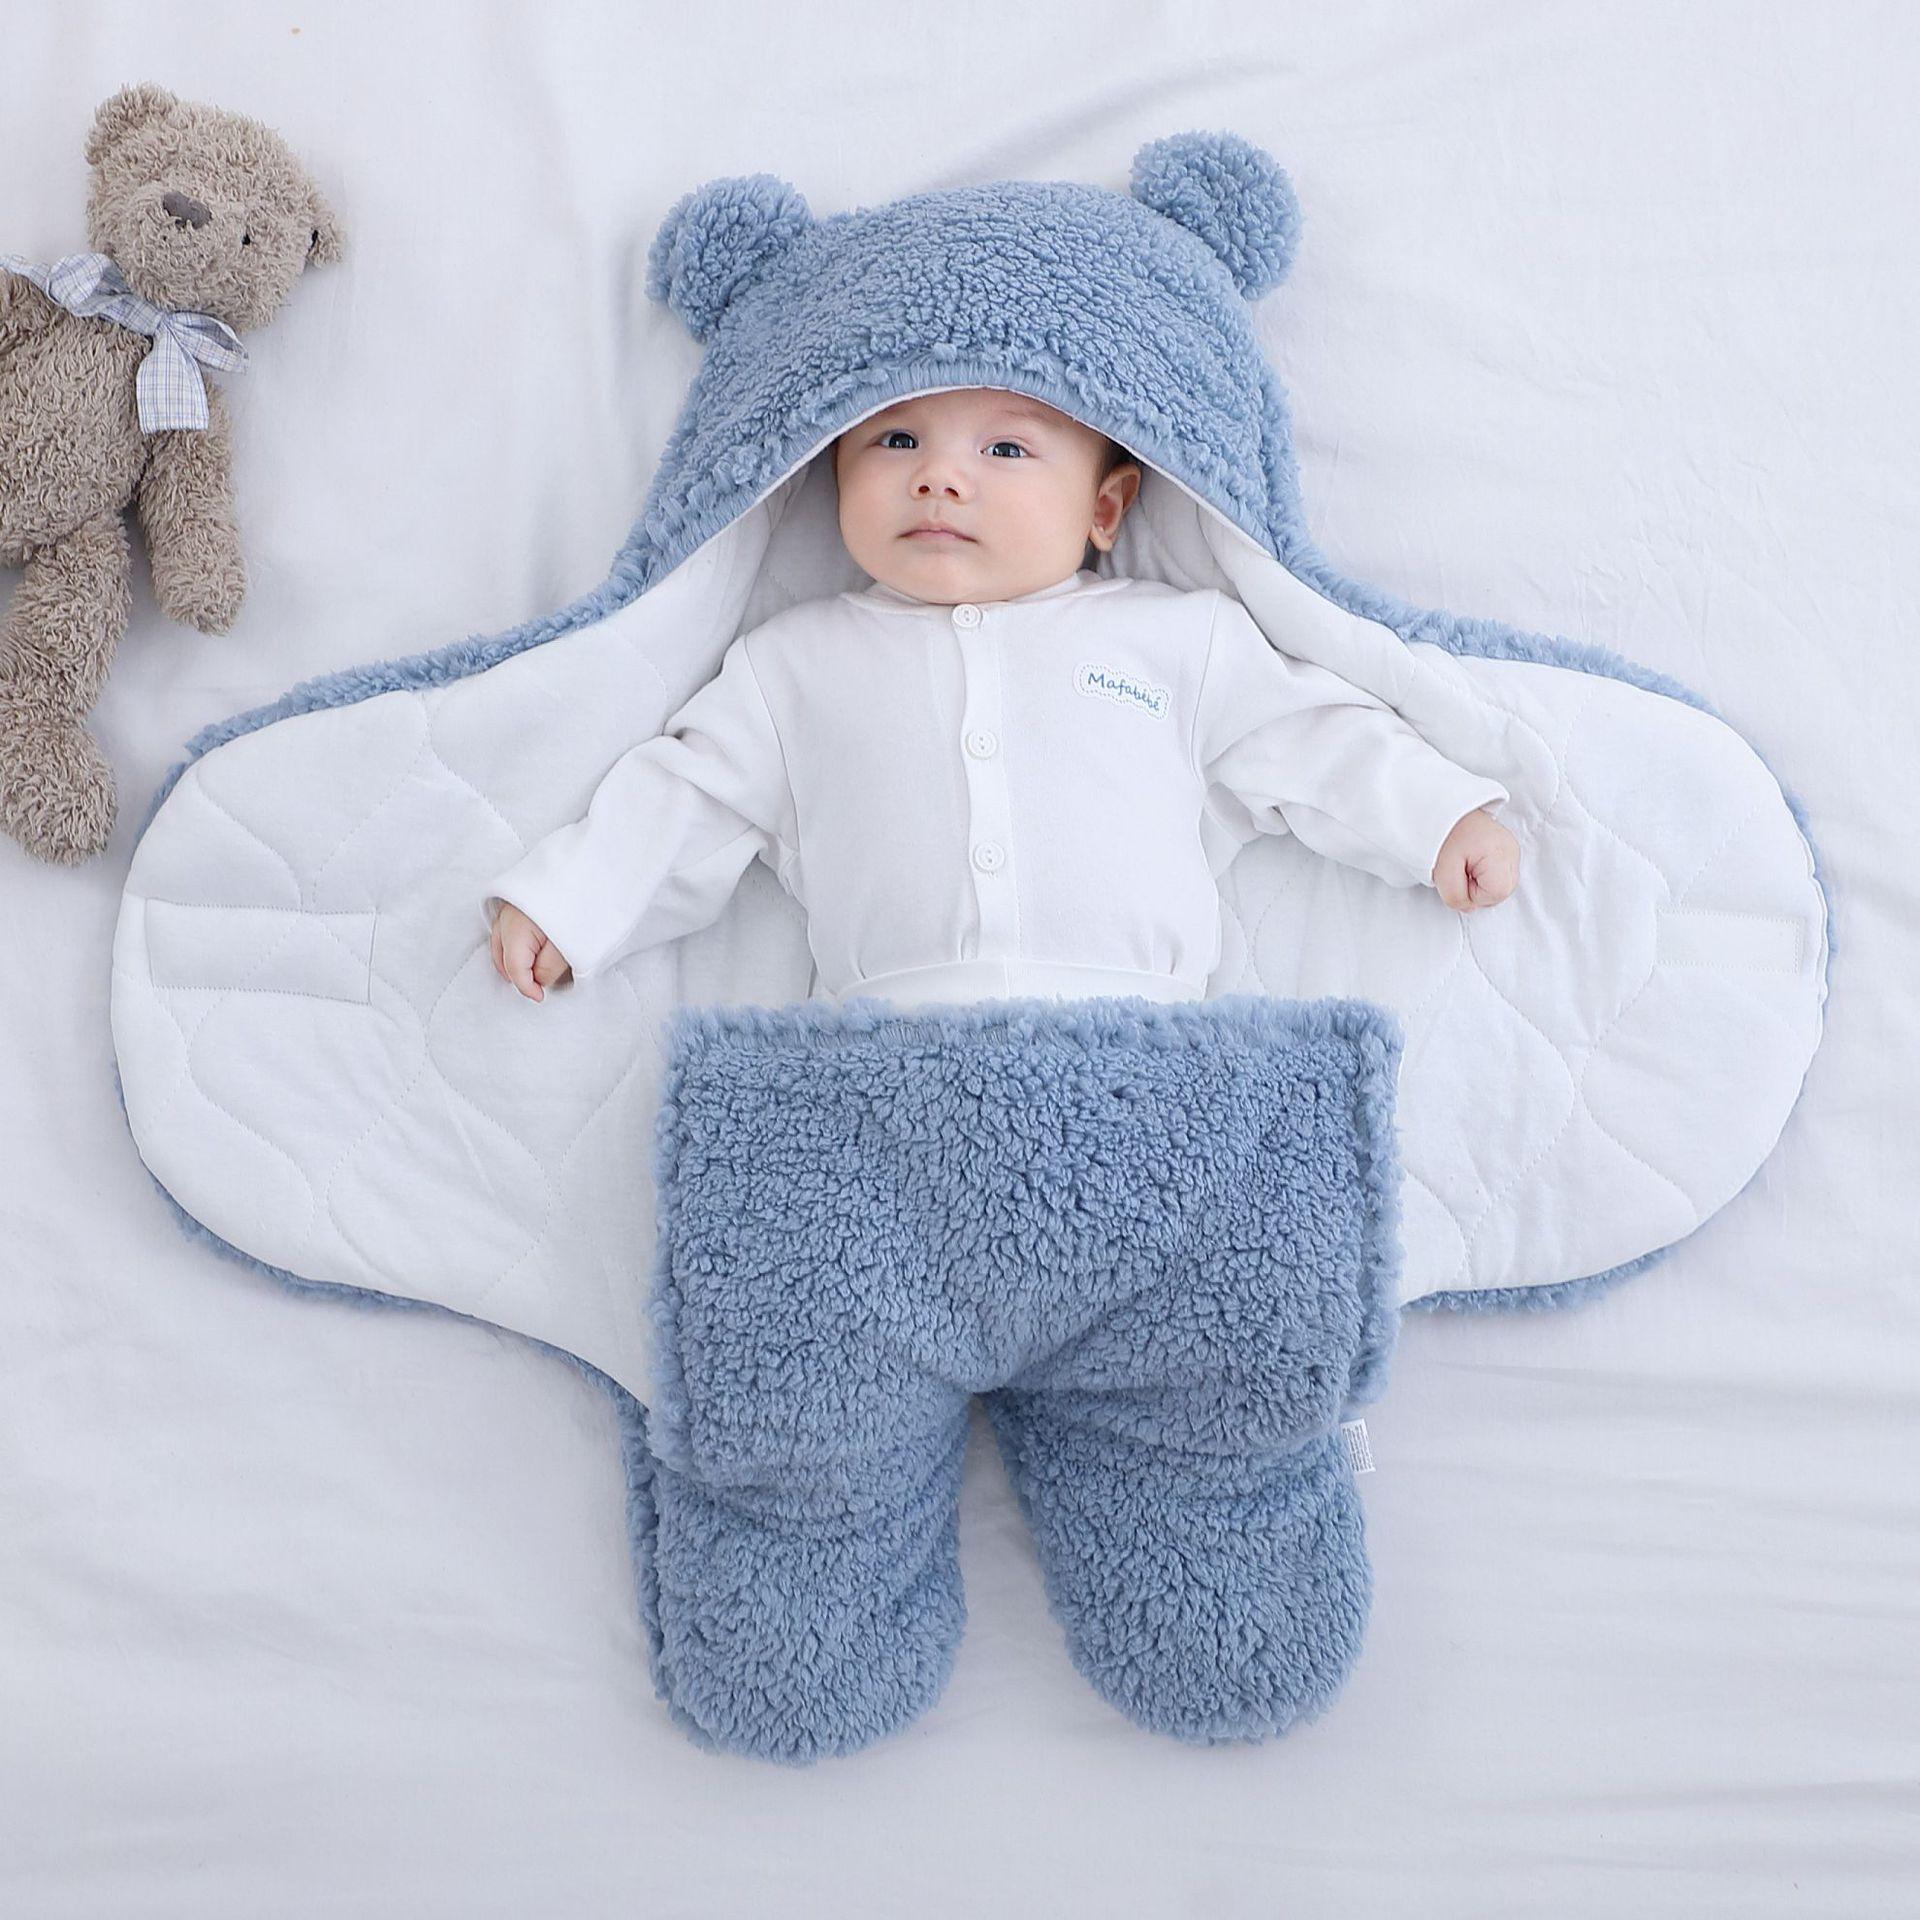 Baju tidur bayi bulu lembut berbulu lembut yang baru lahir menerima - Peralatan tempat tidur - Foto 1